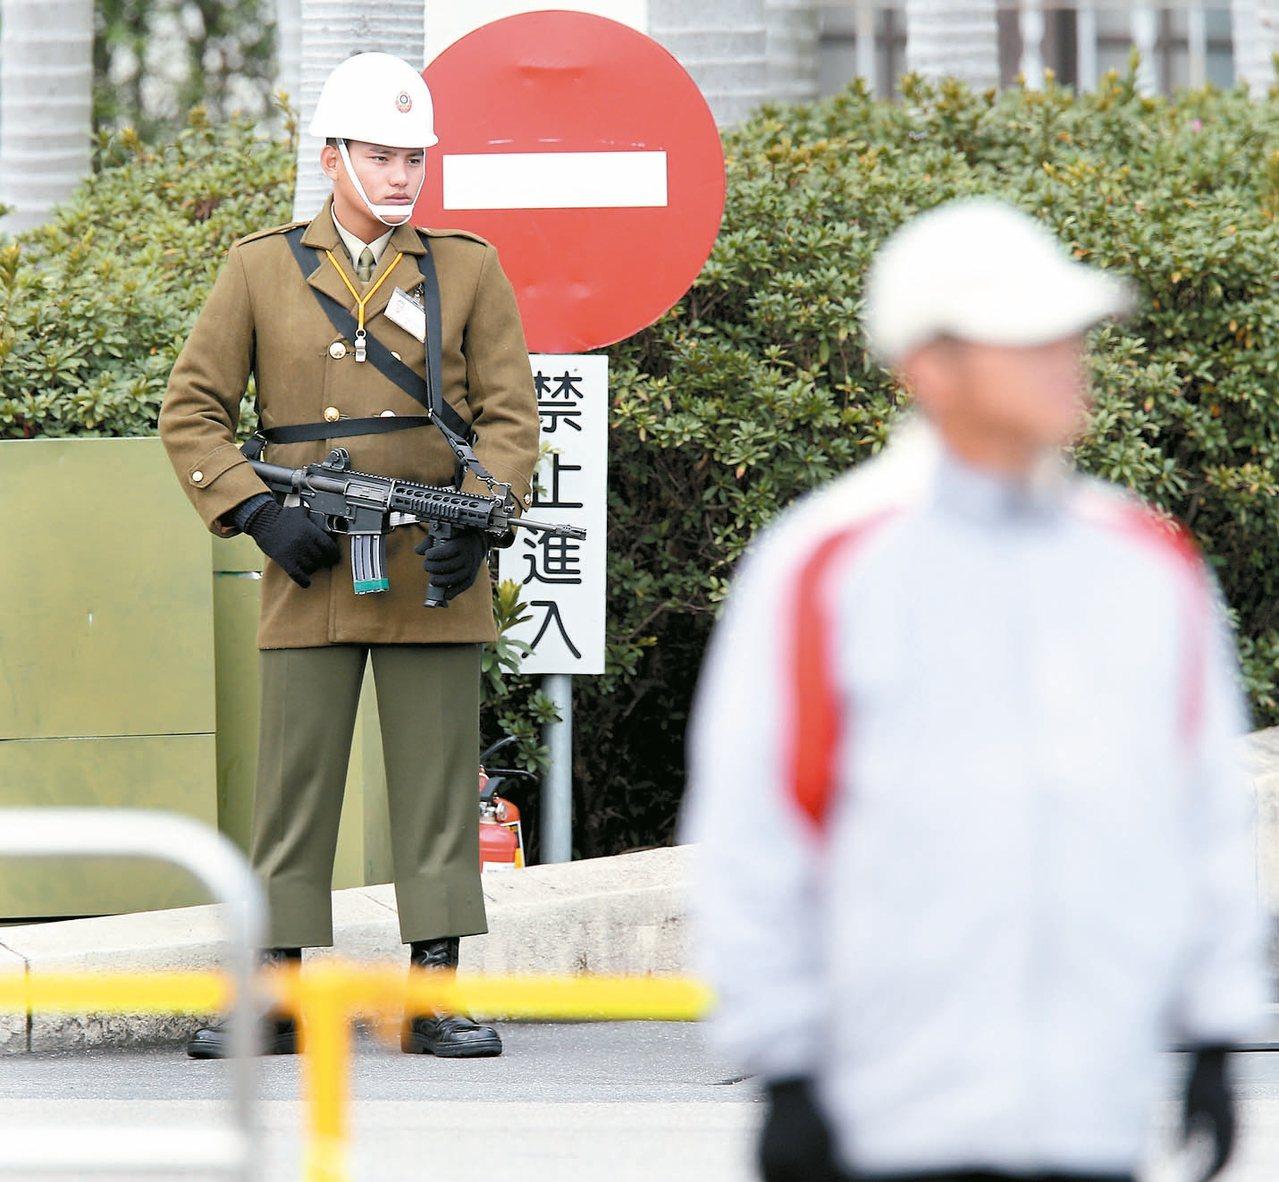 英系立委擔憂台灣被共諜滲透嚴重,提出訂定「反滲透法」主張。圖為總統府前一位憲兵持...